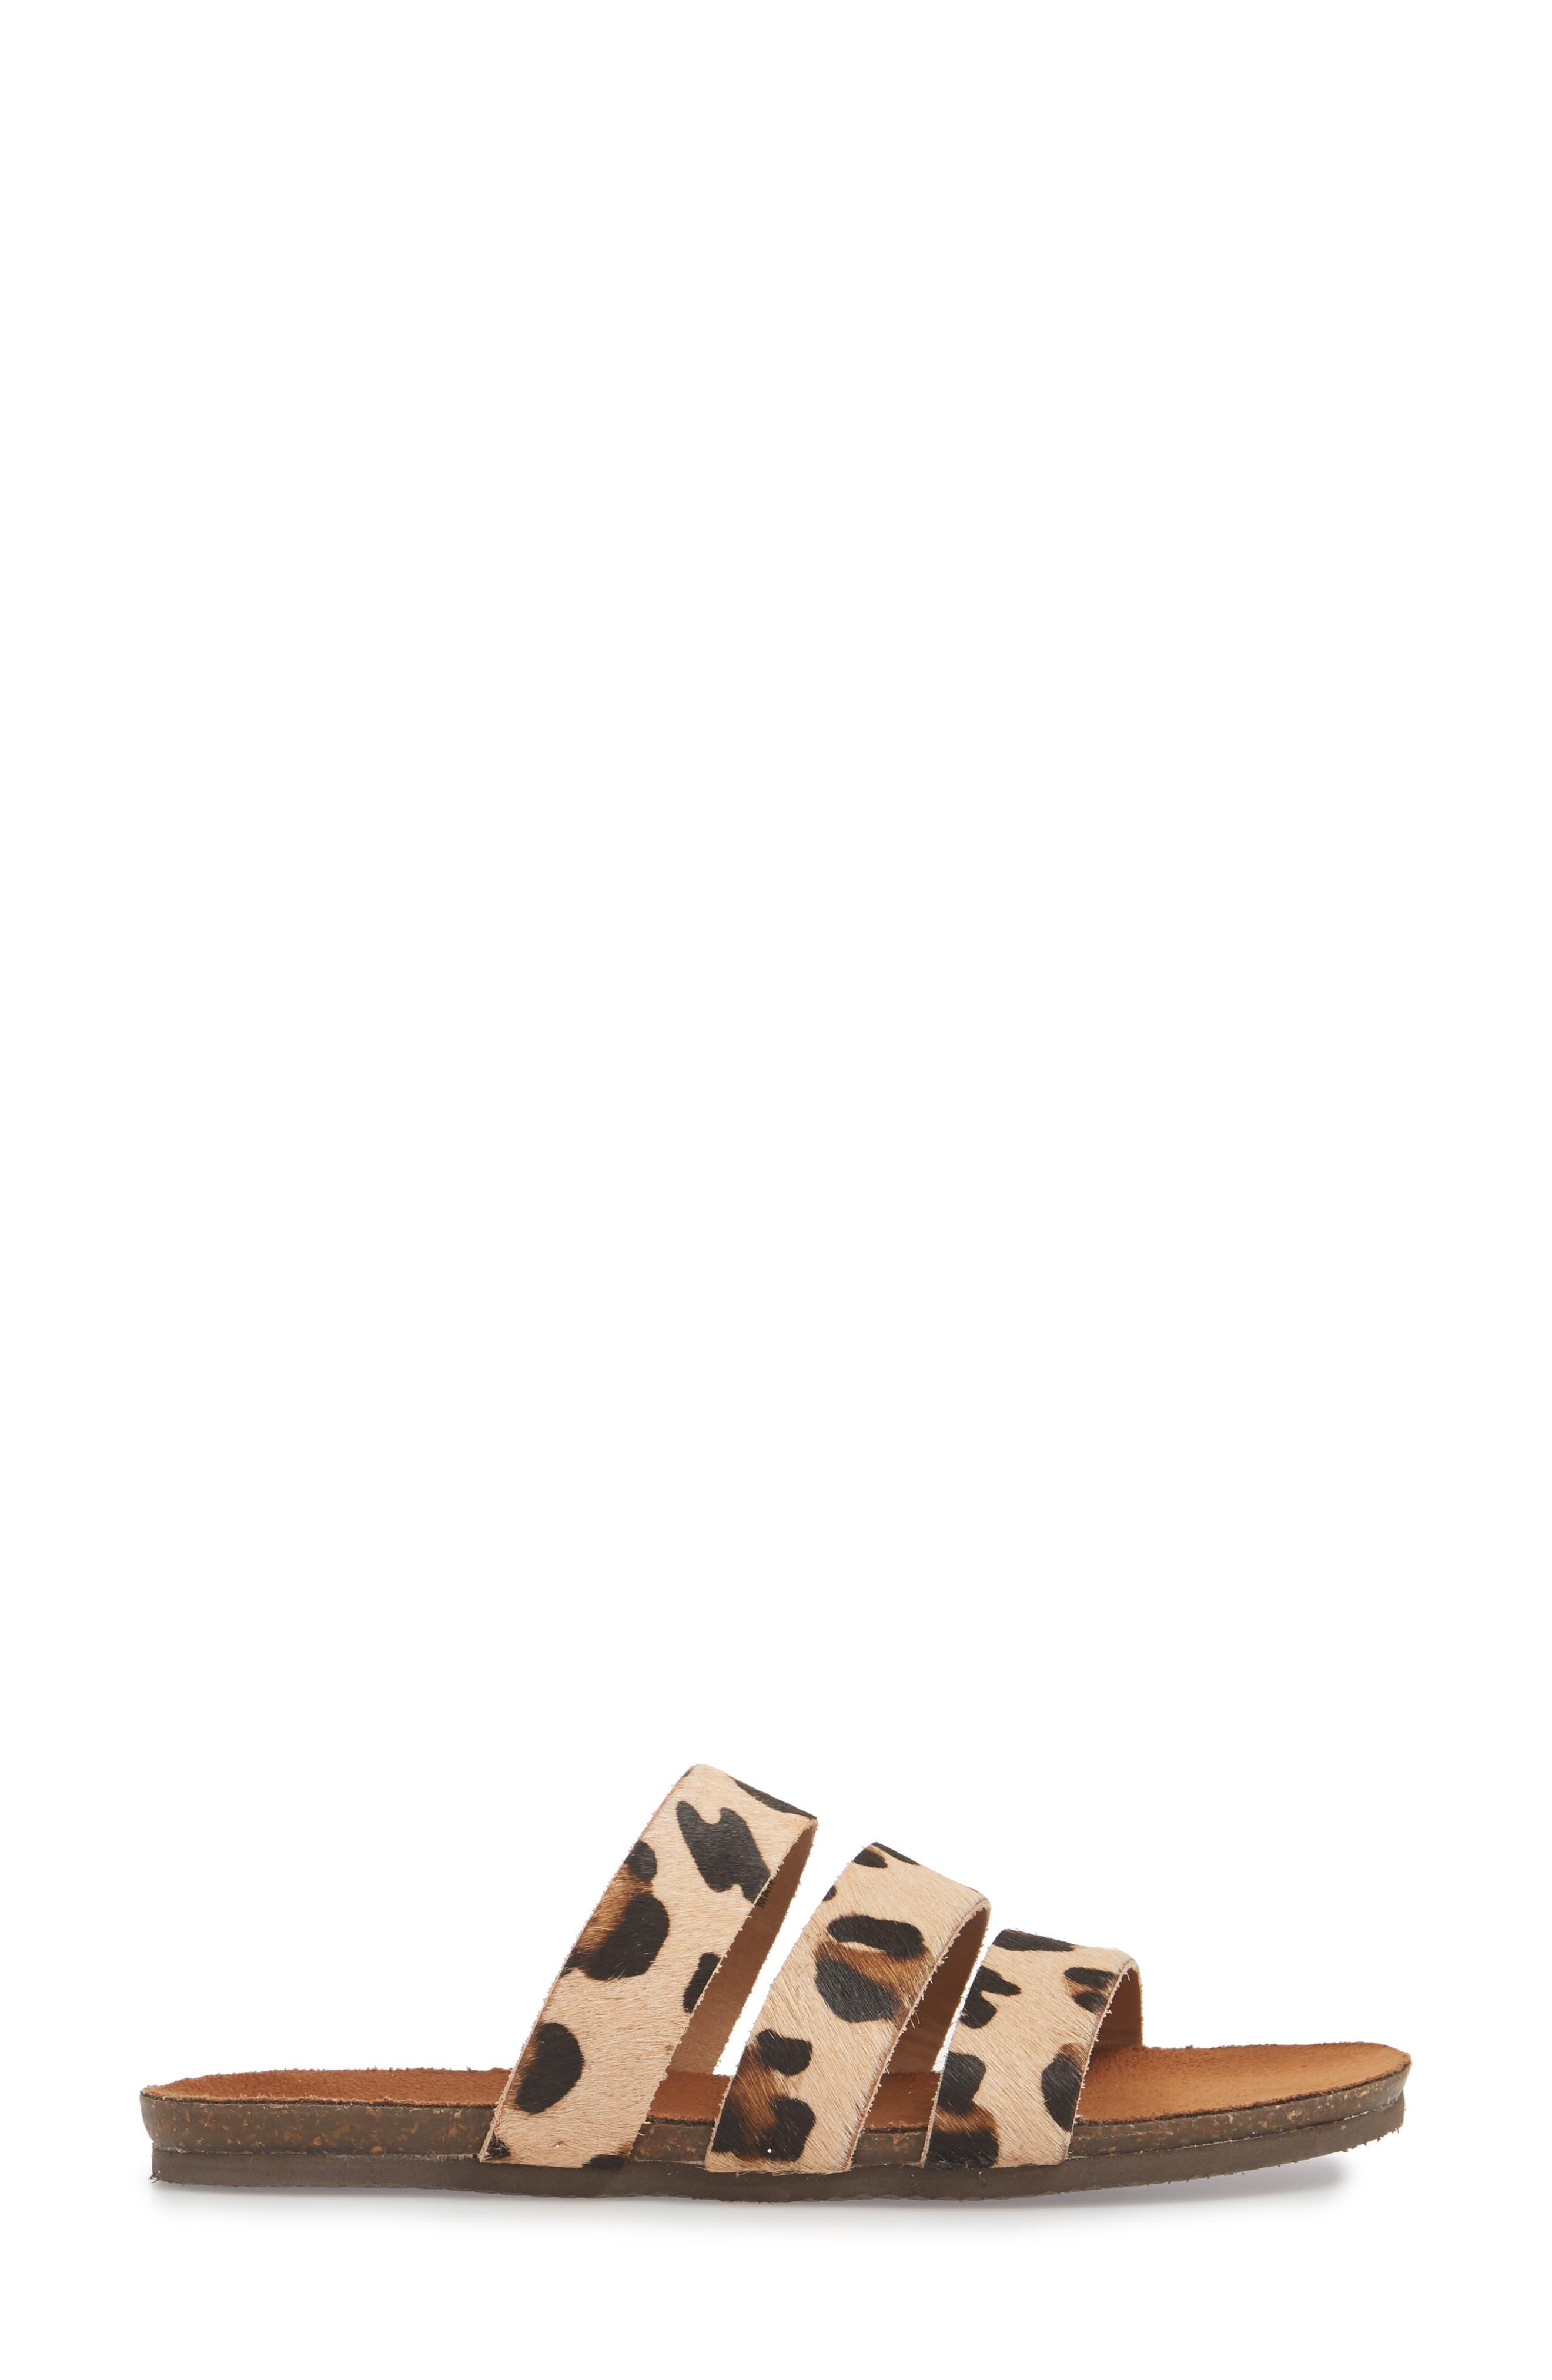 Florence Slide Sandal,                             Alternate thumbnail 3, color,                             Leopard Calf Hair